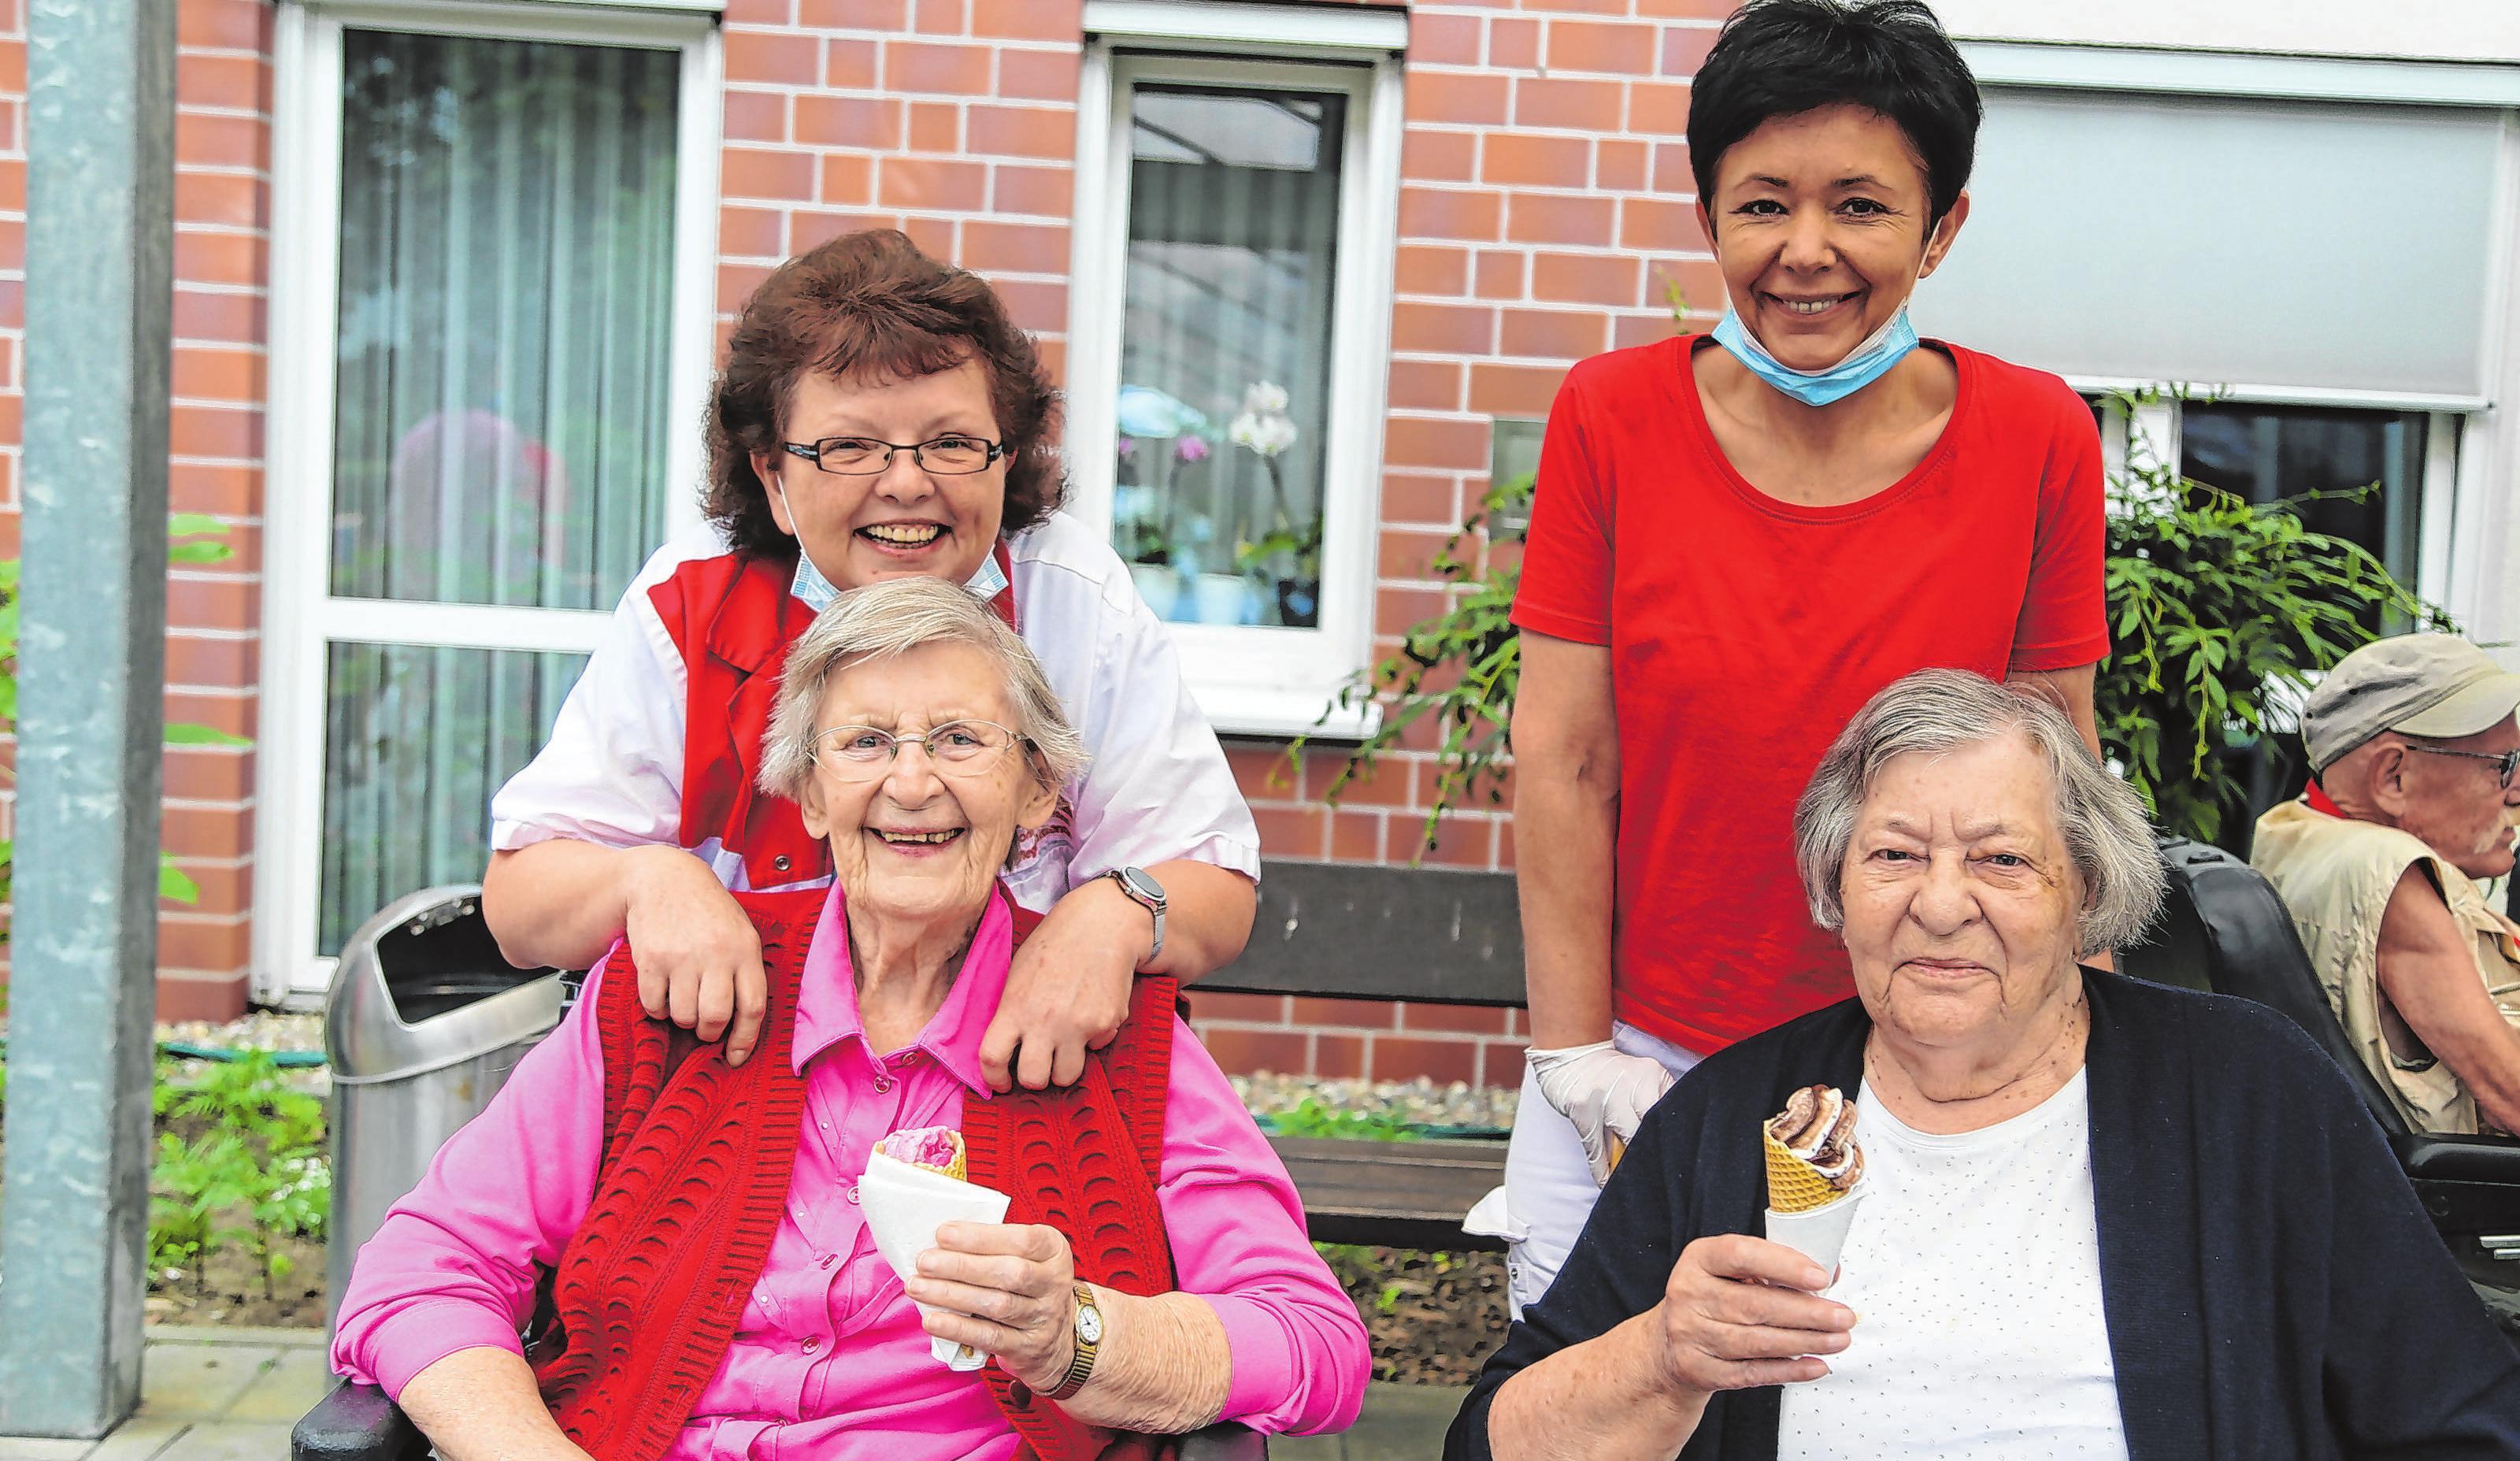 Hier hat man Grund zum Lachen und zur Freude: Mitarbeiterin Monika Neumann mit Bewohnerin Hiltraud Habermann und Ulla Jakubowska mit Gisela Zymelka haben Spaß beim Sommerfest.